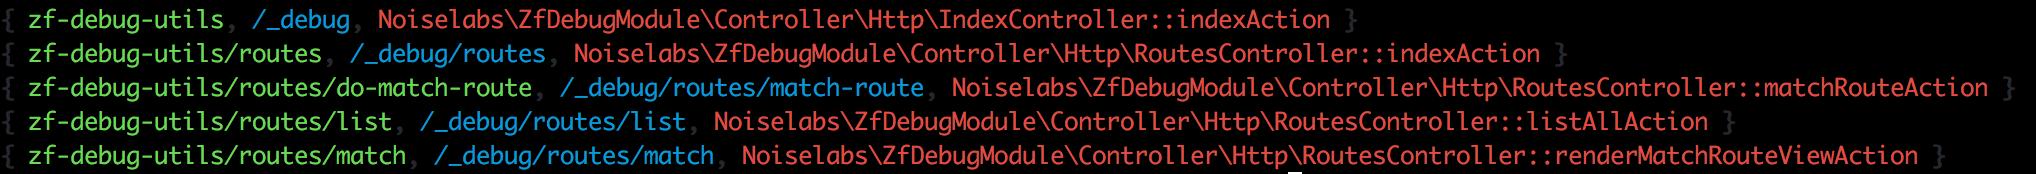 Console - List routes